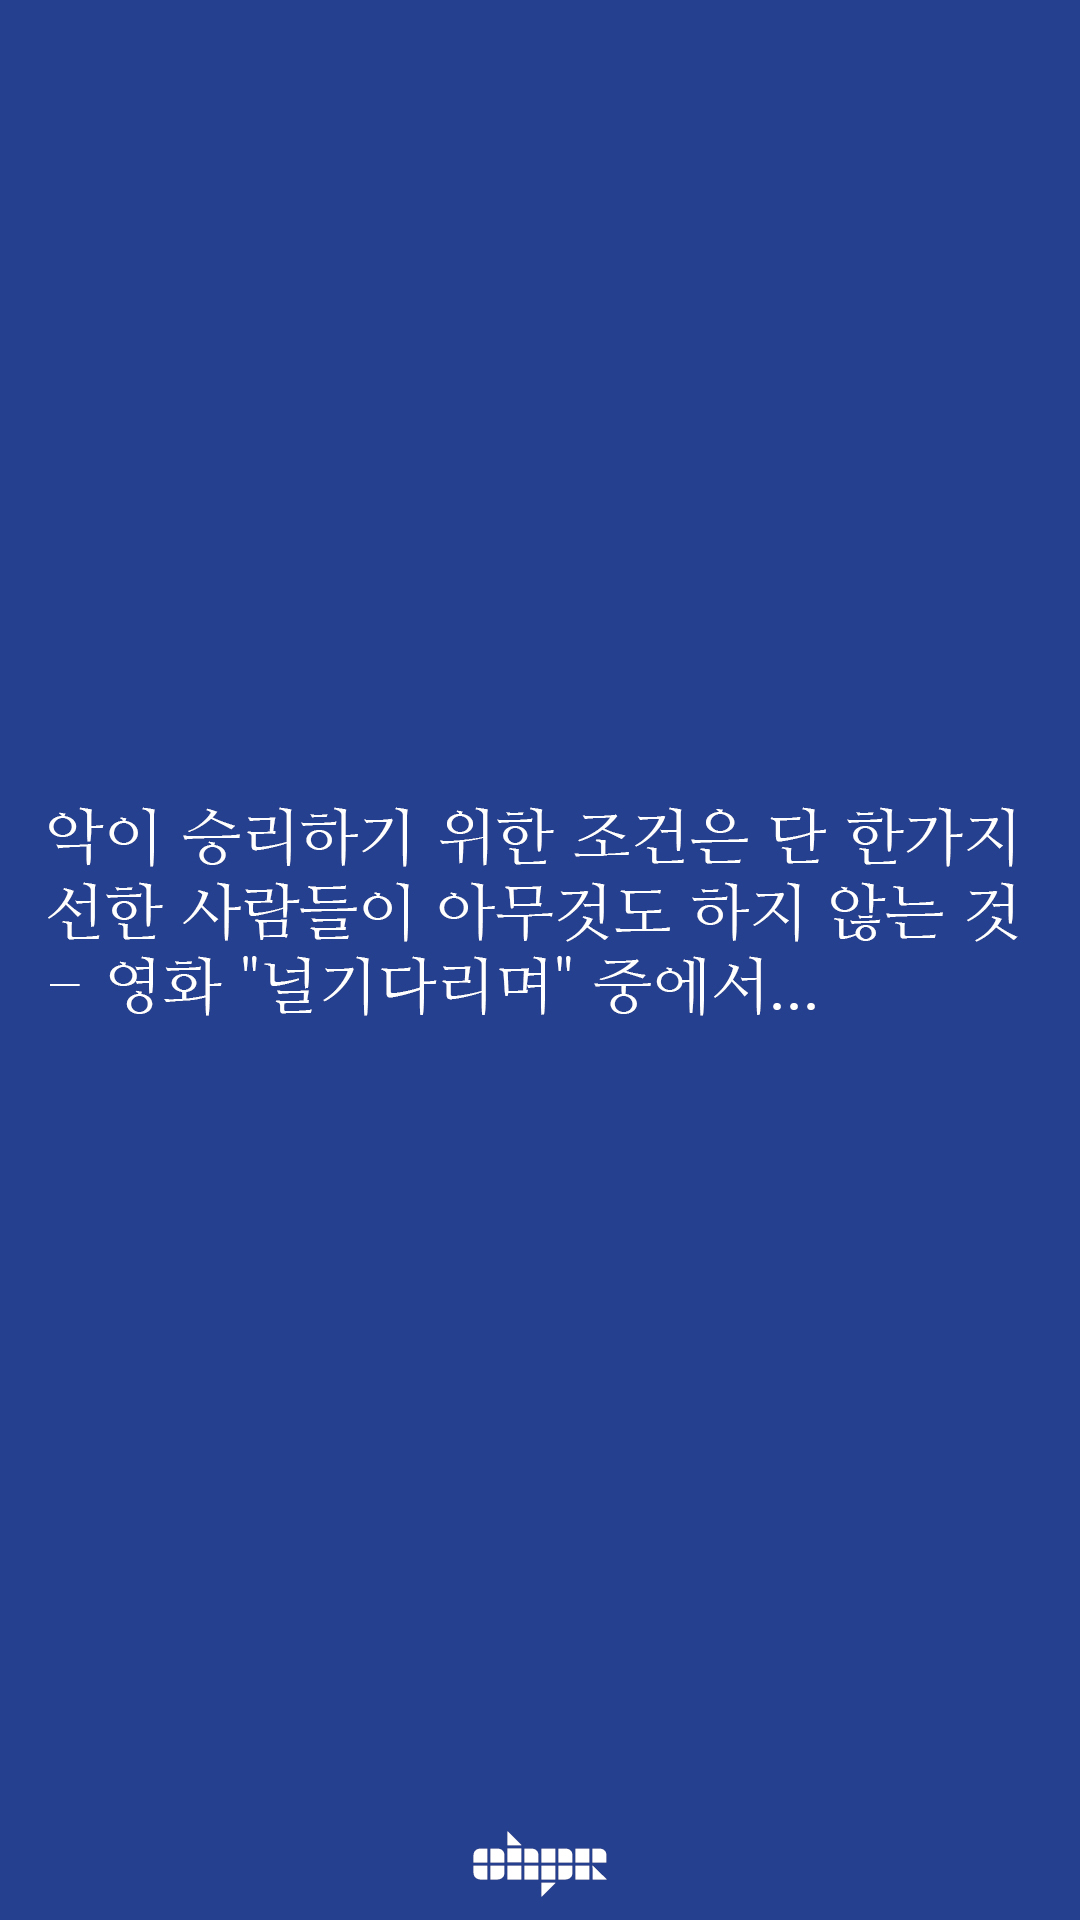 ohpr_wording6